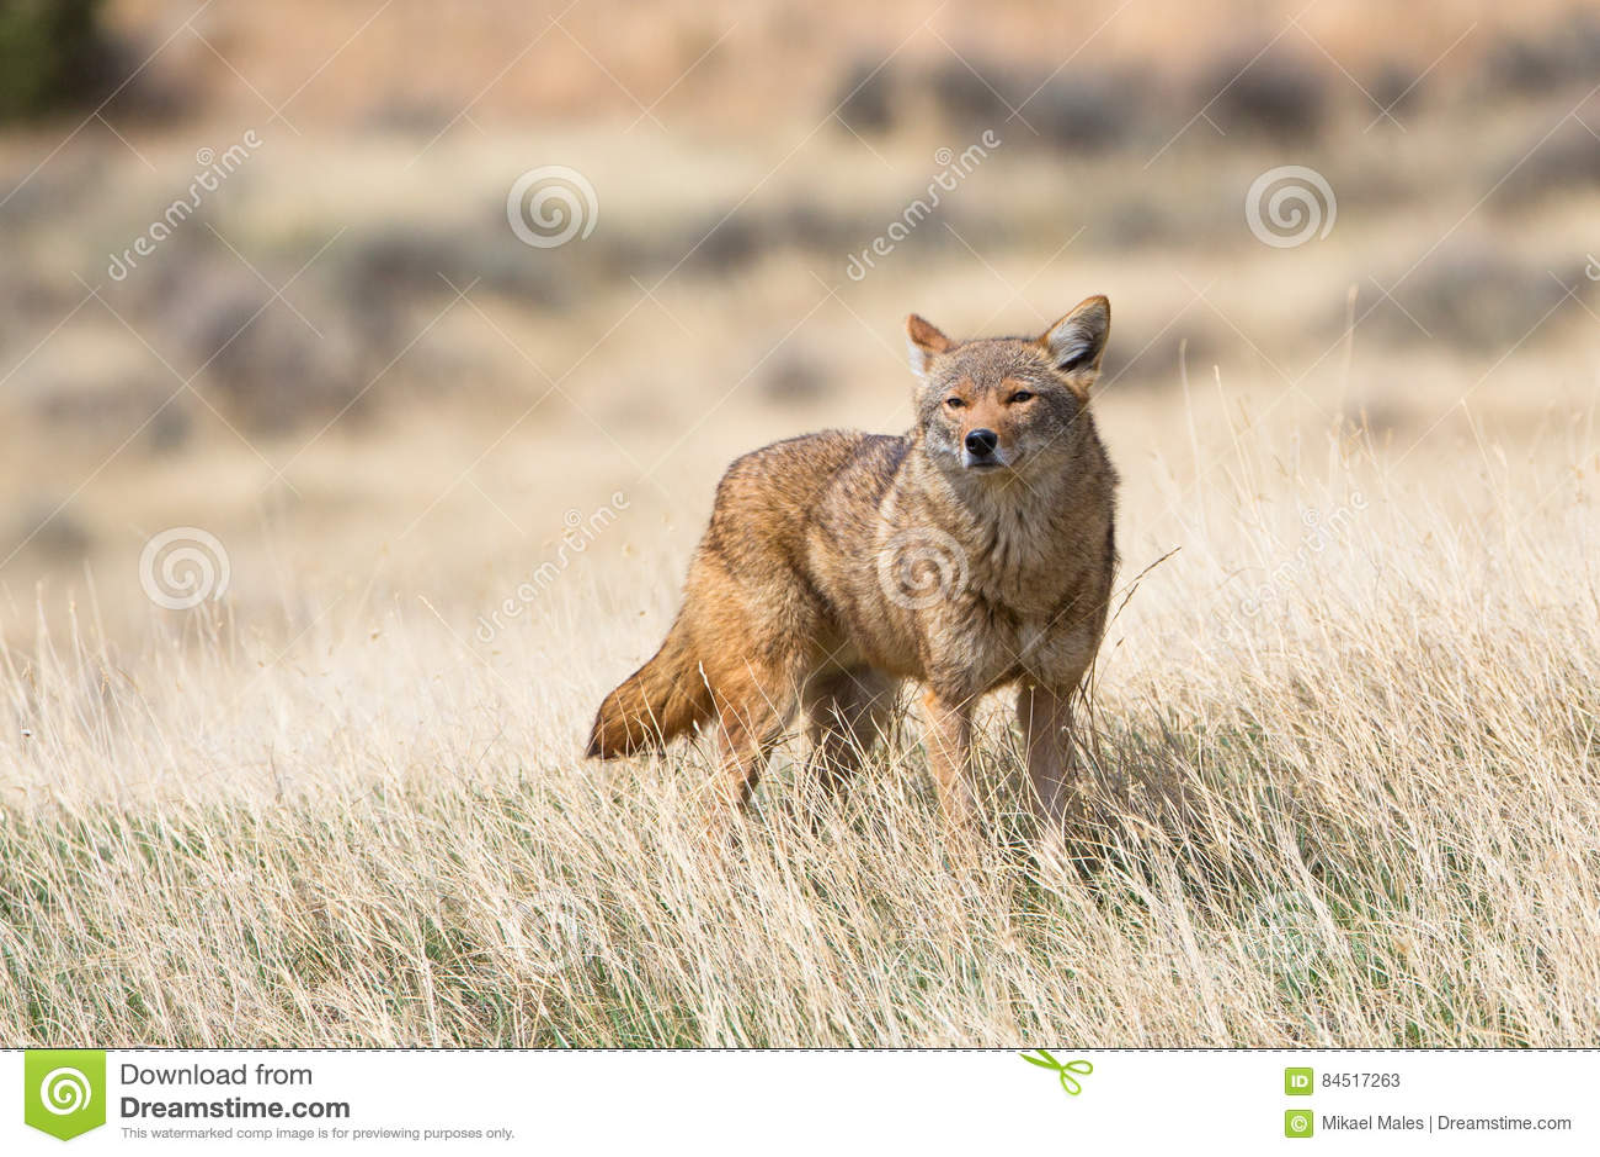 Kojot w poszukiwaniu jedzenia